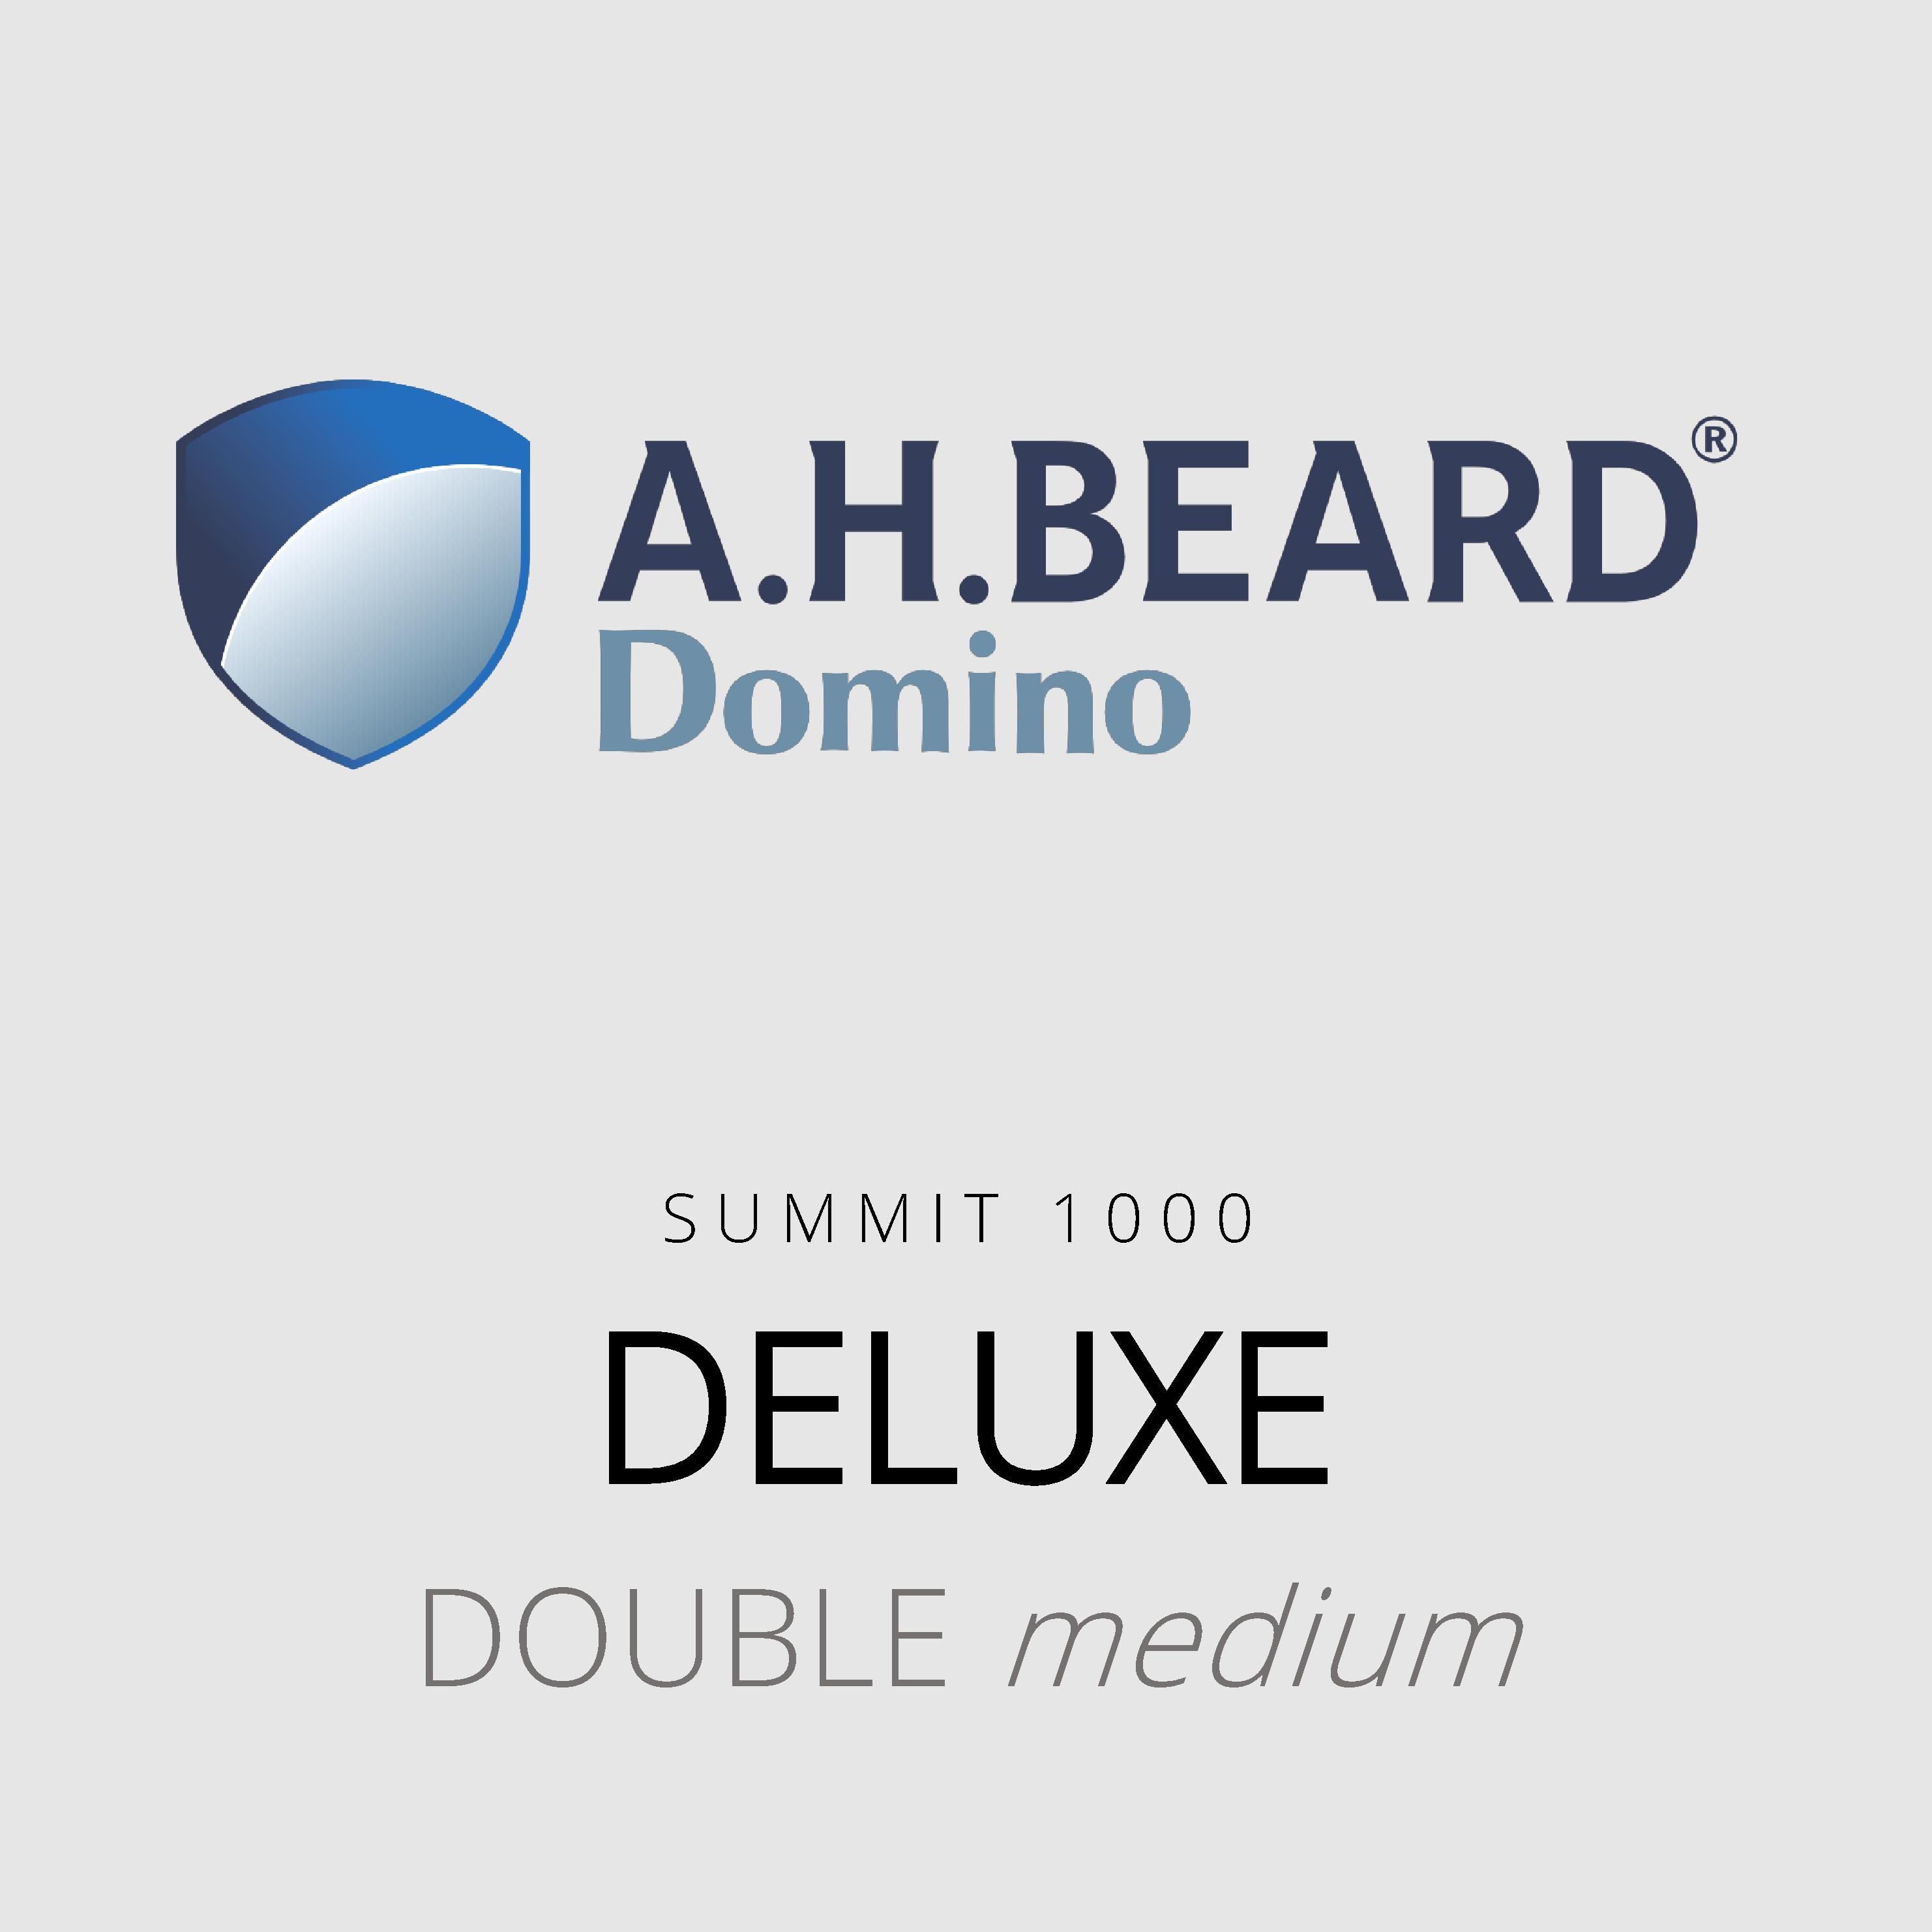 AH Beard Domino – Deluxe – Summit 1000 – Double Medium Mattress